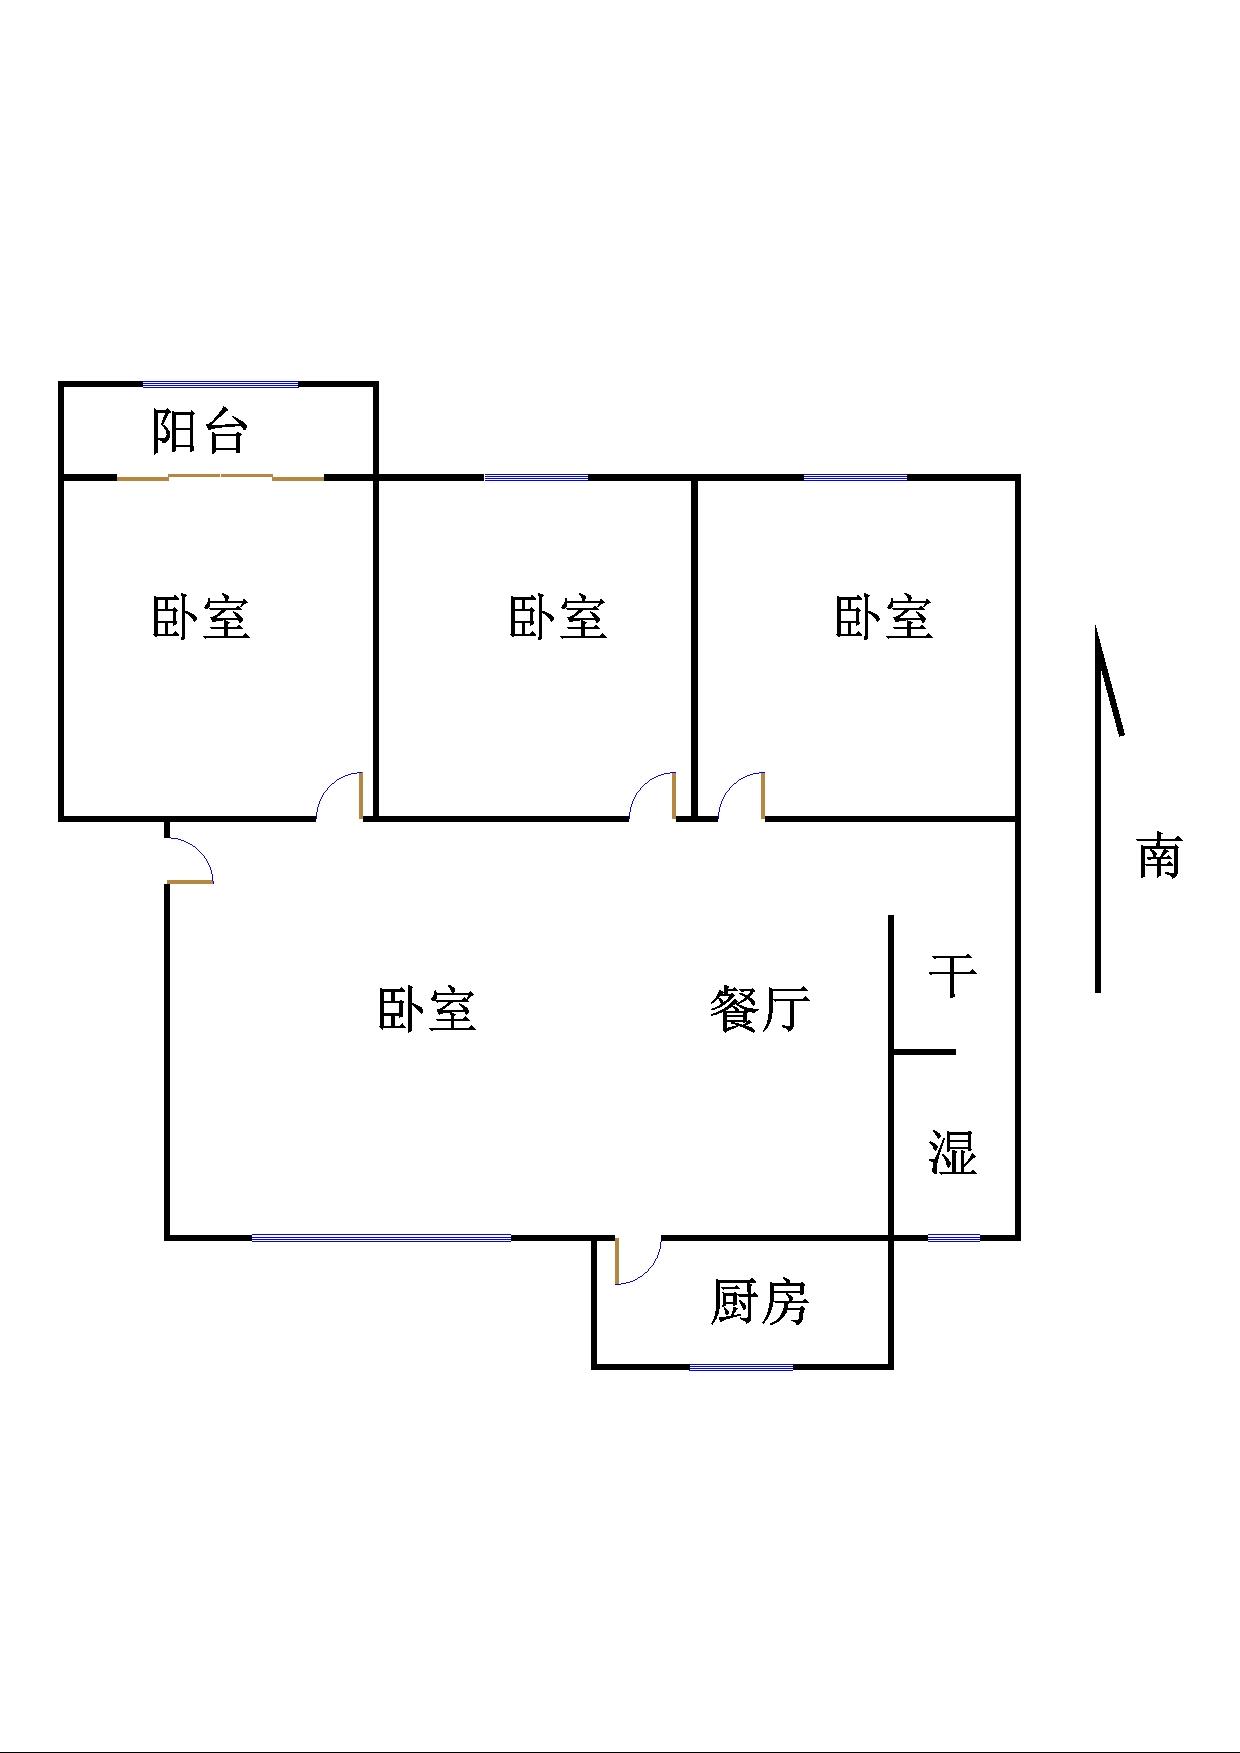 湘江小区西区 3室2厅  简装 130万